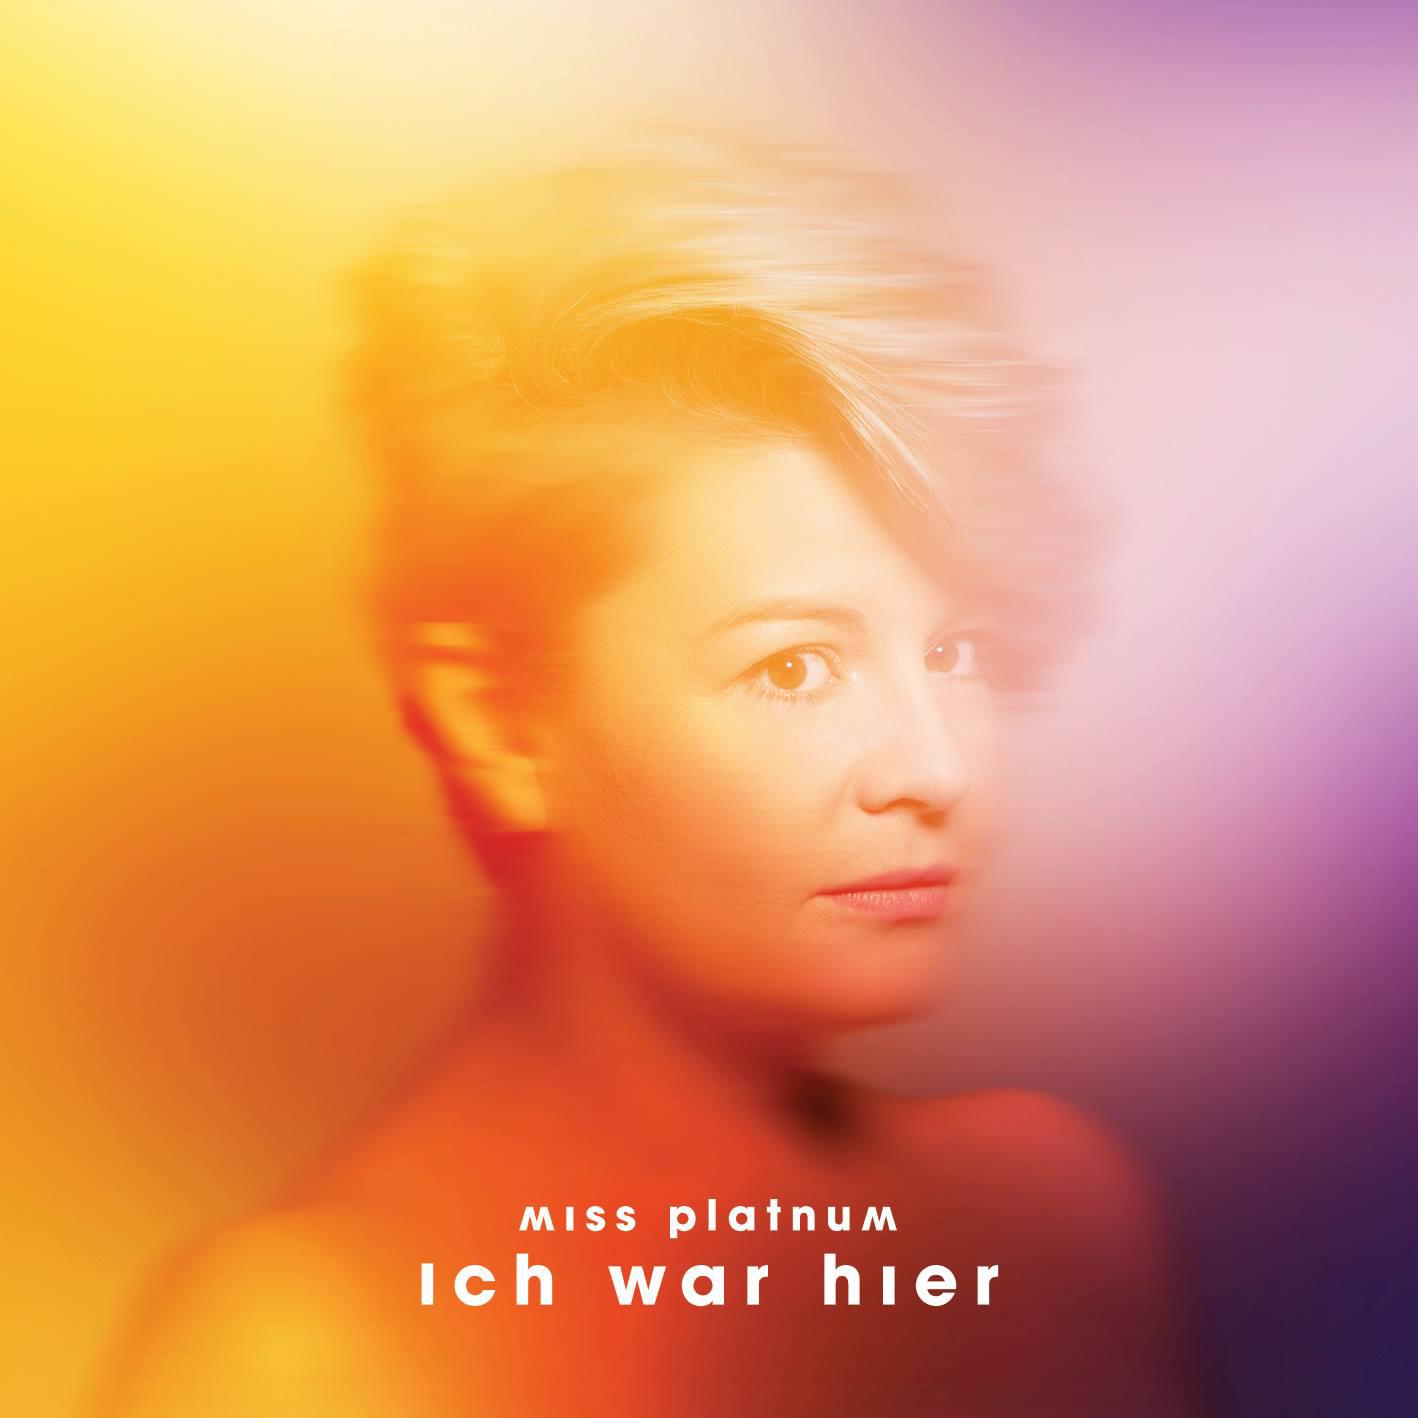 missplatnum-ichwarhier-album